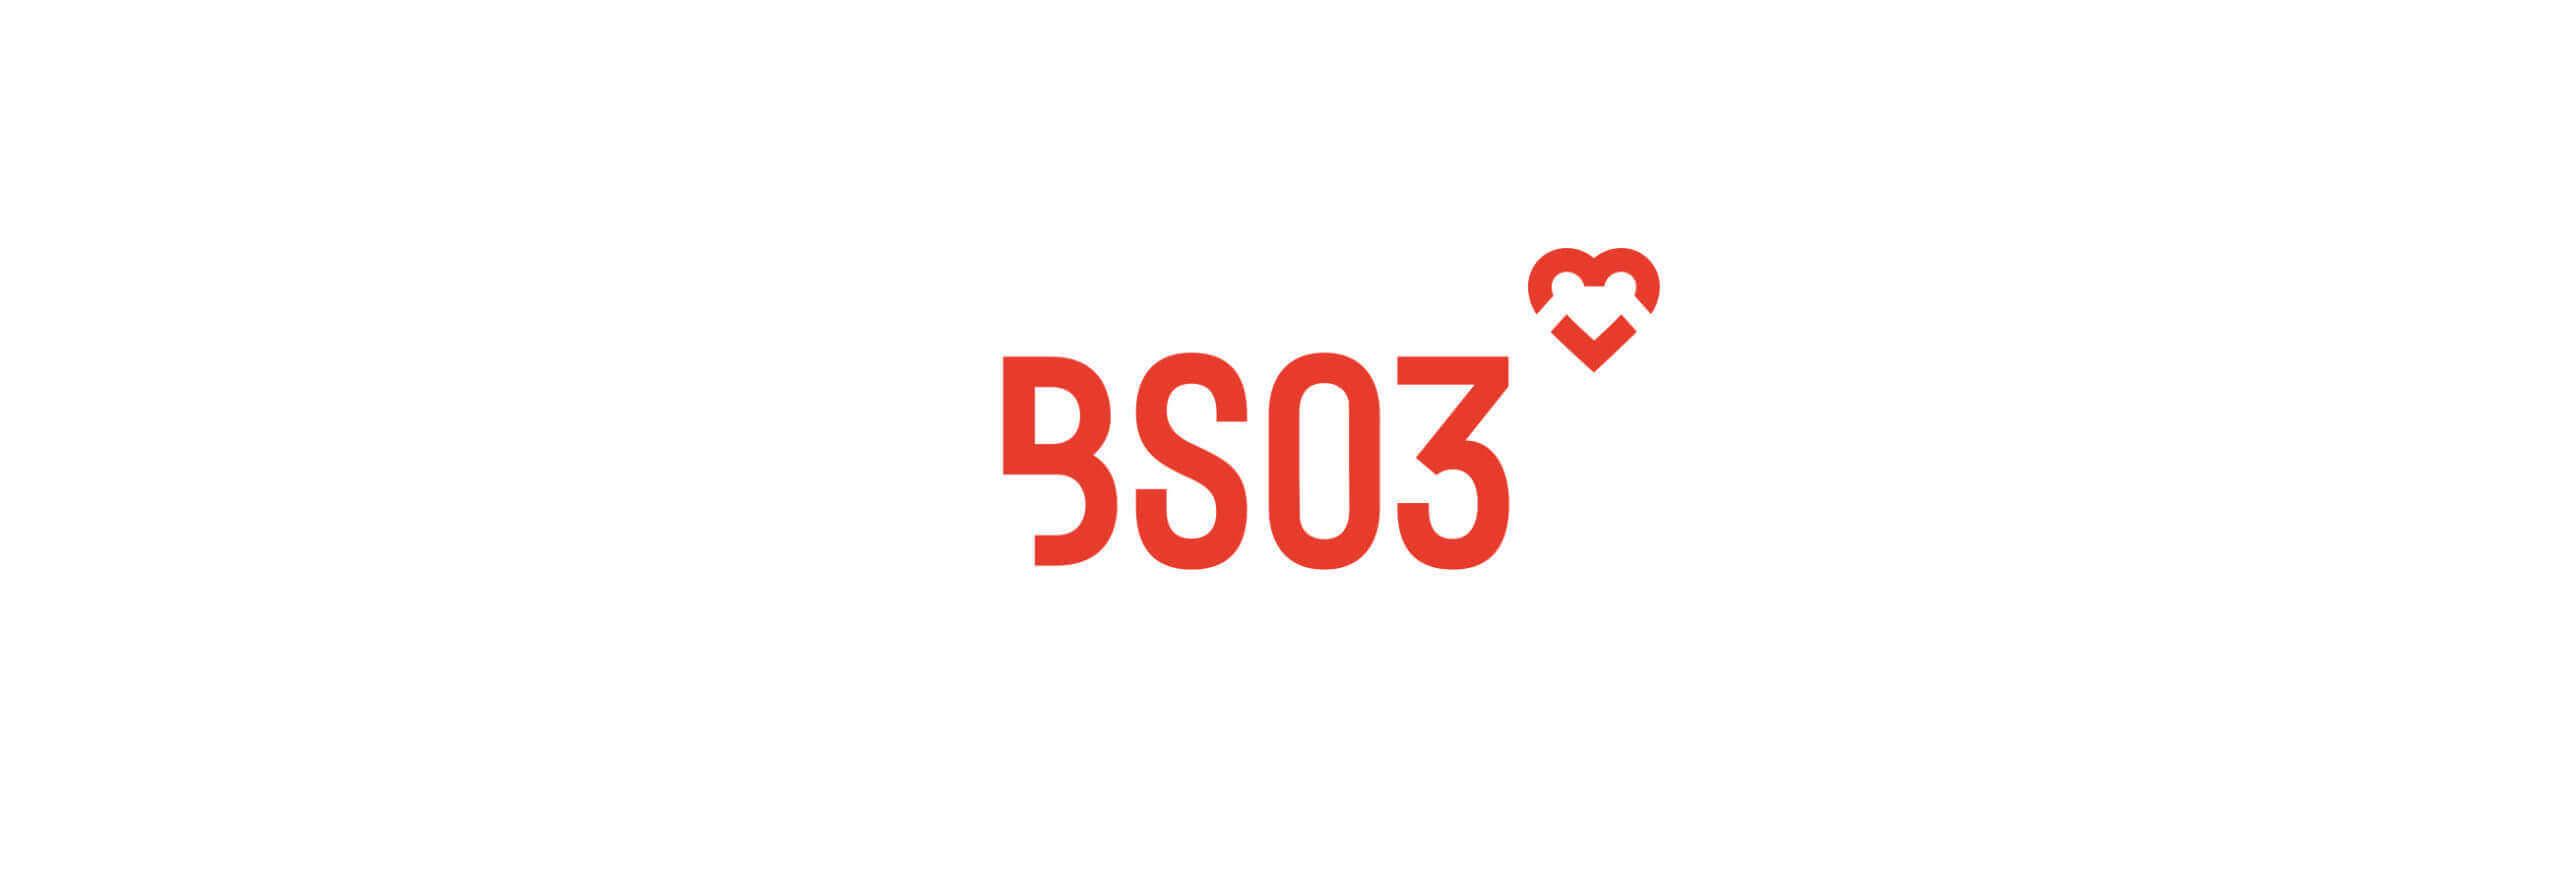 BS03 Logo